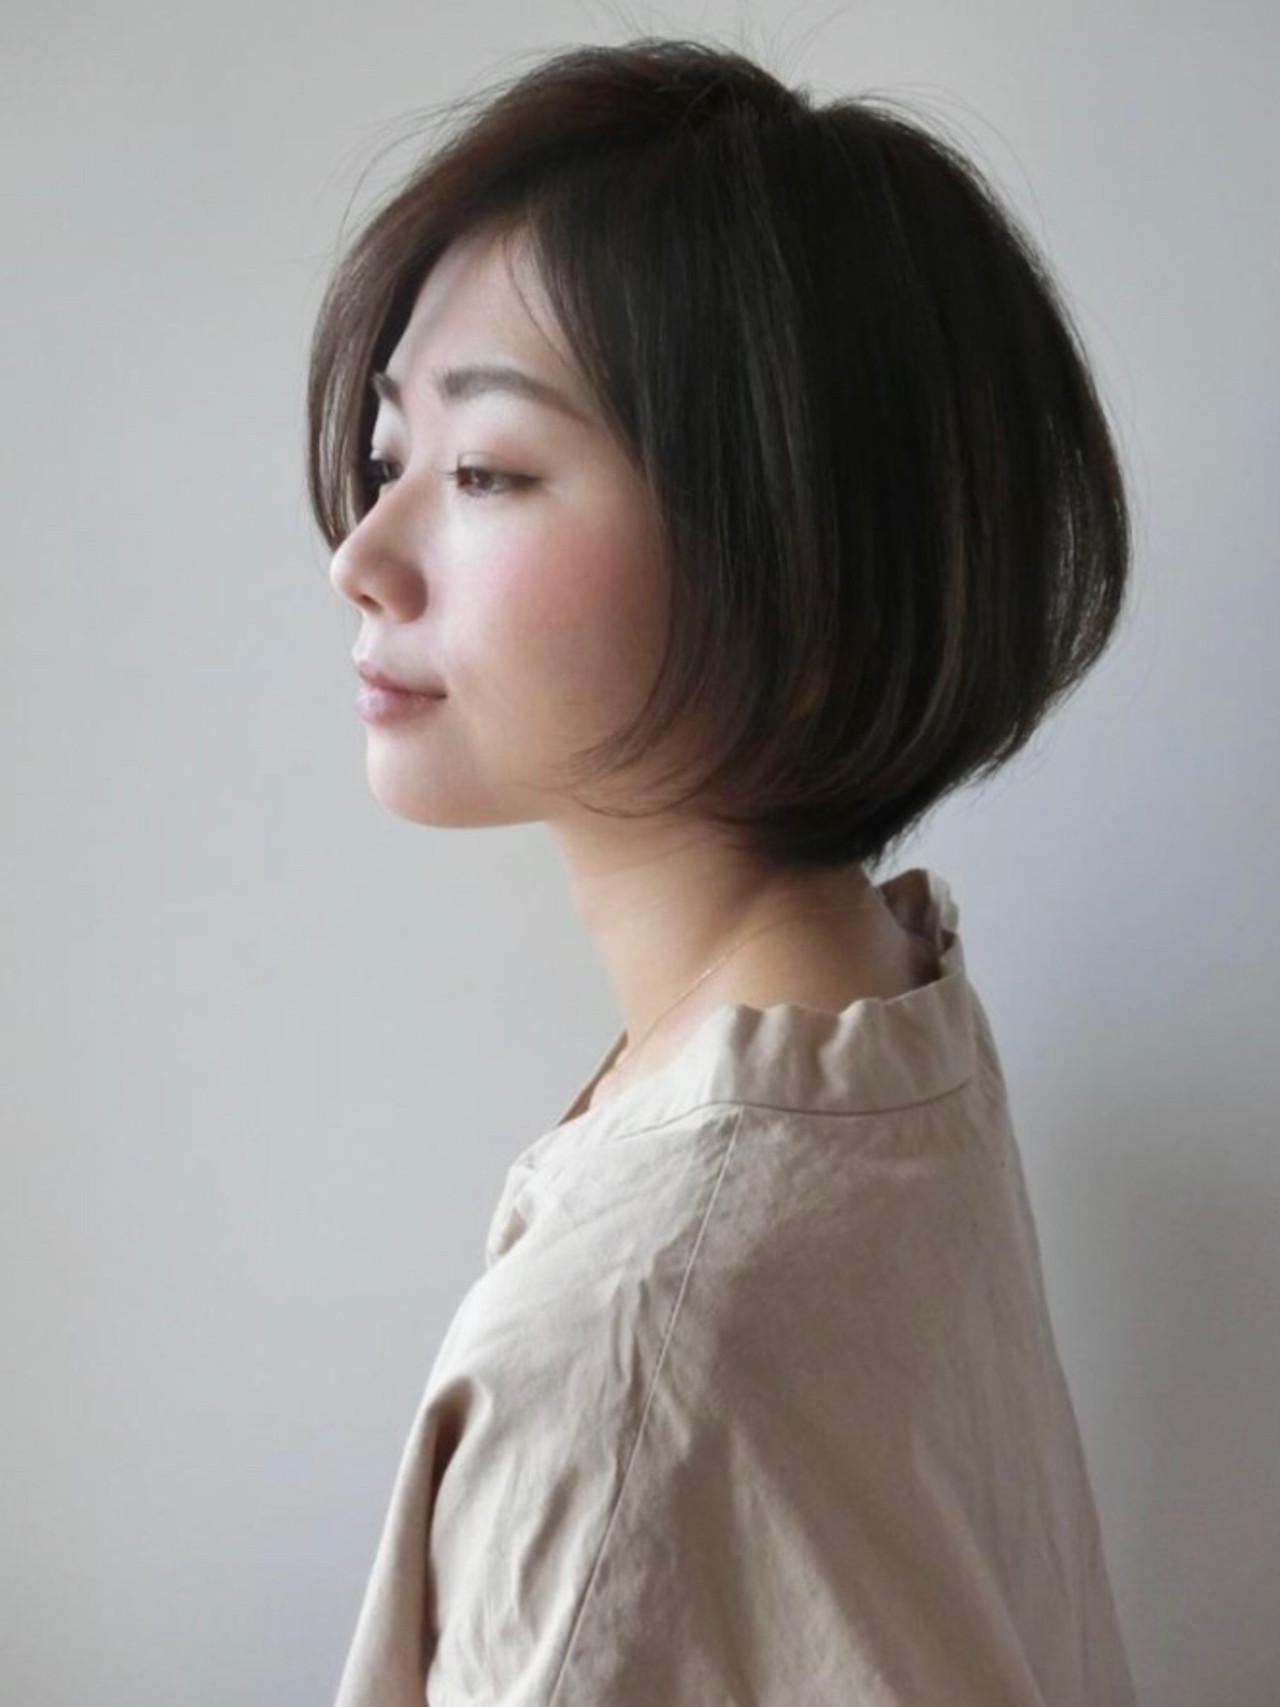 【基本】前髪なし+フェイスラインをカバー 尾花 佑輔